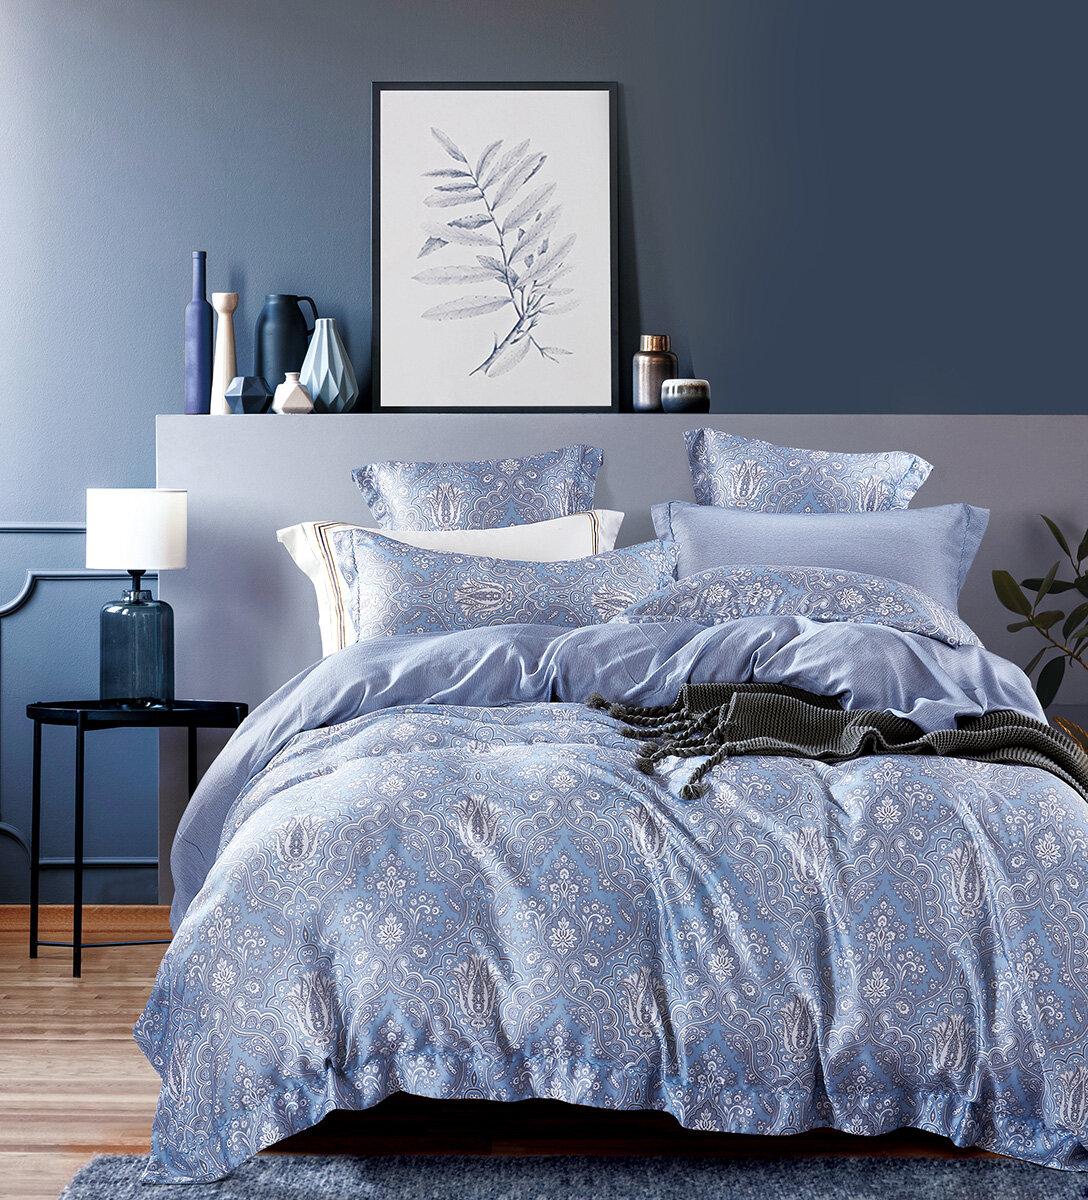 Постельное белье из тенселя TS-050 Сенди Elin (голубой), 1,5 спальный (наволочки 70x70)